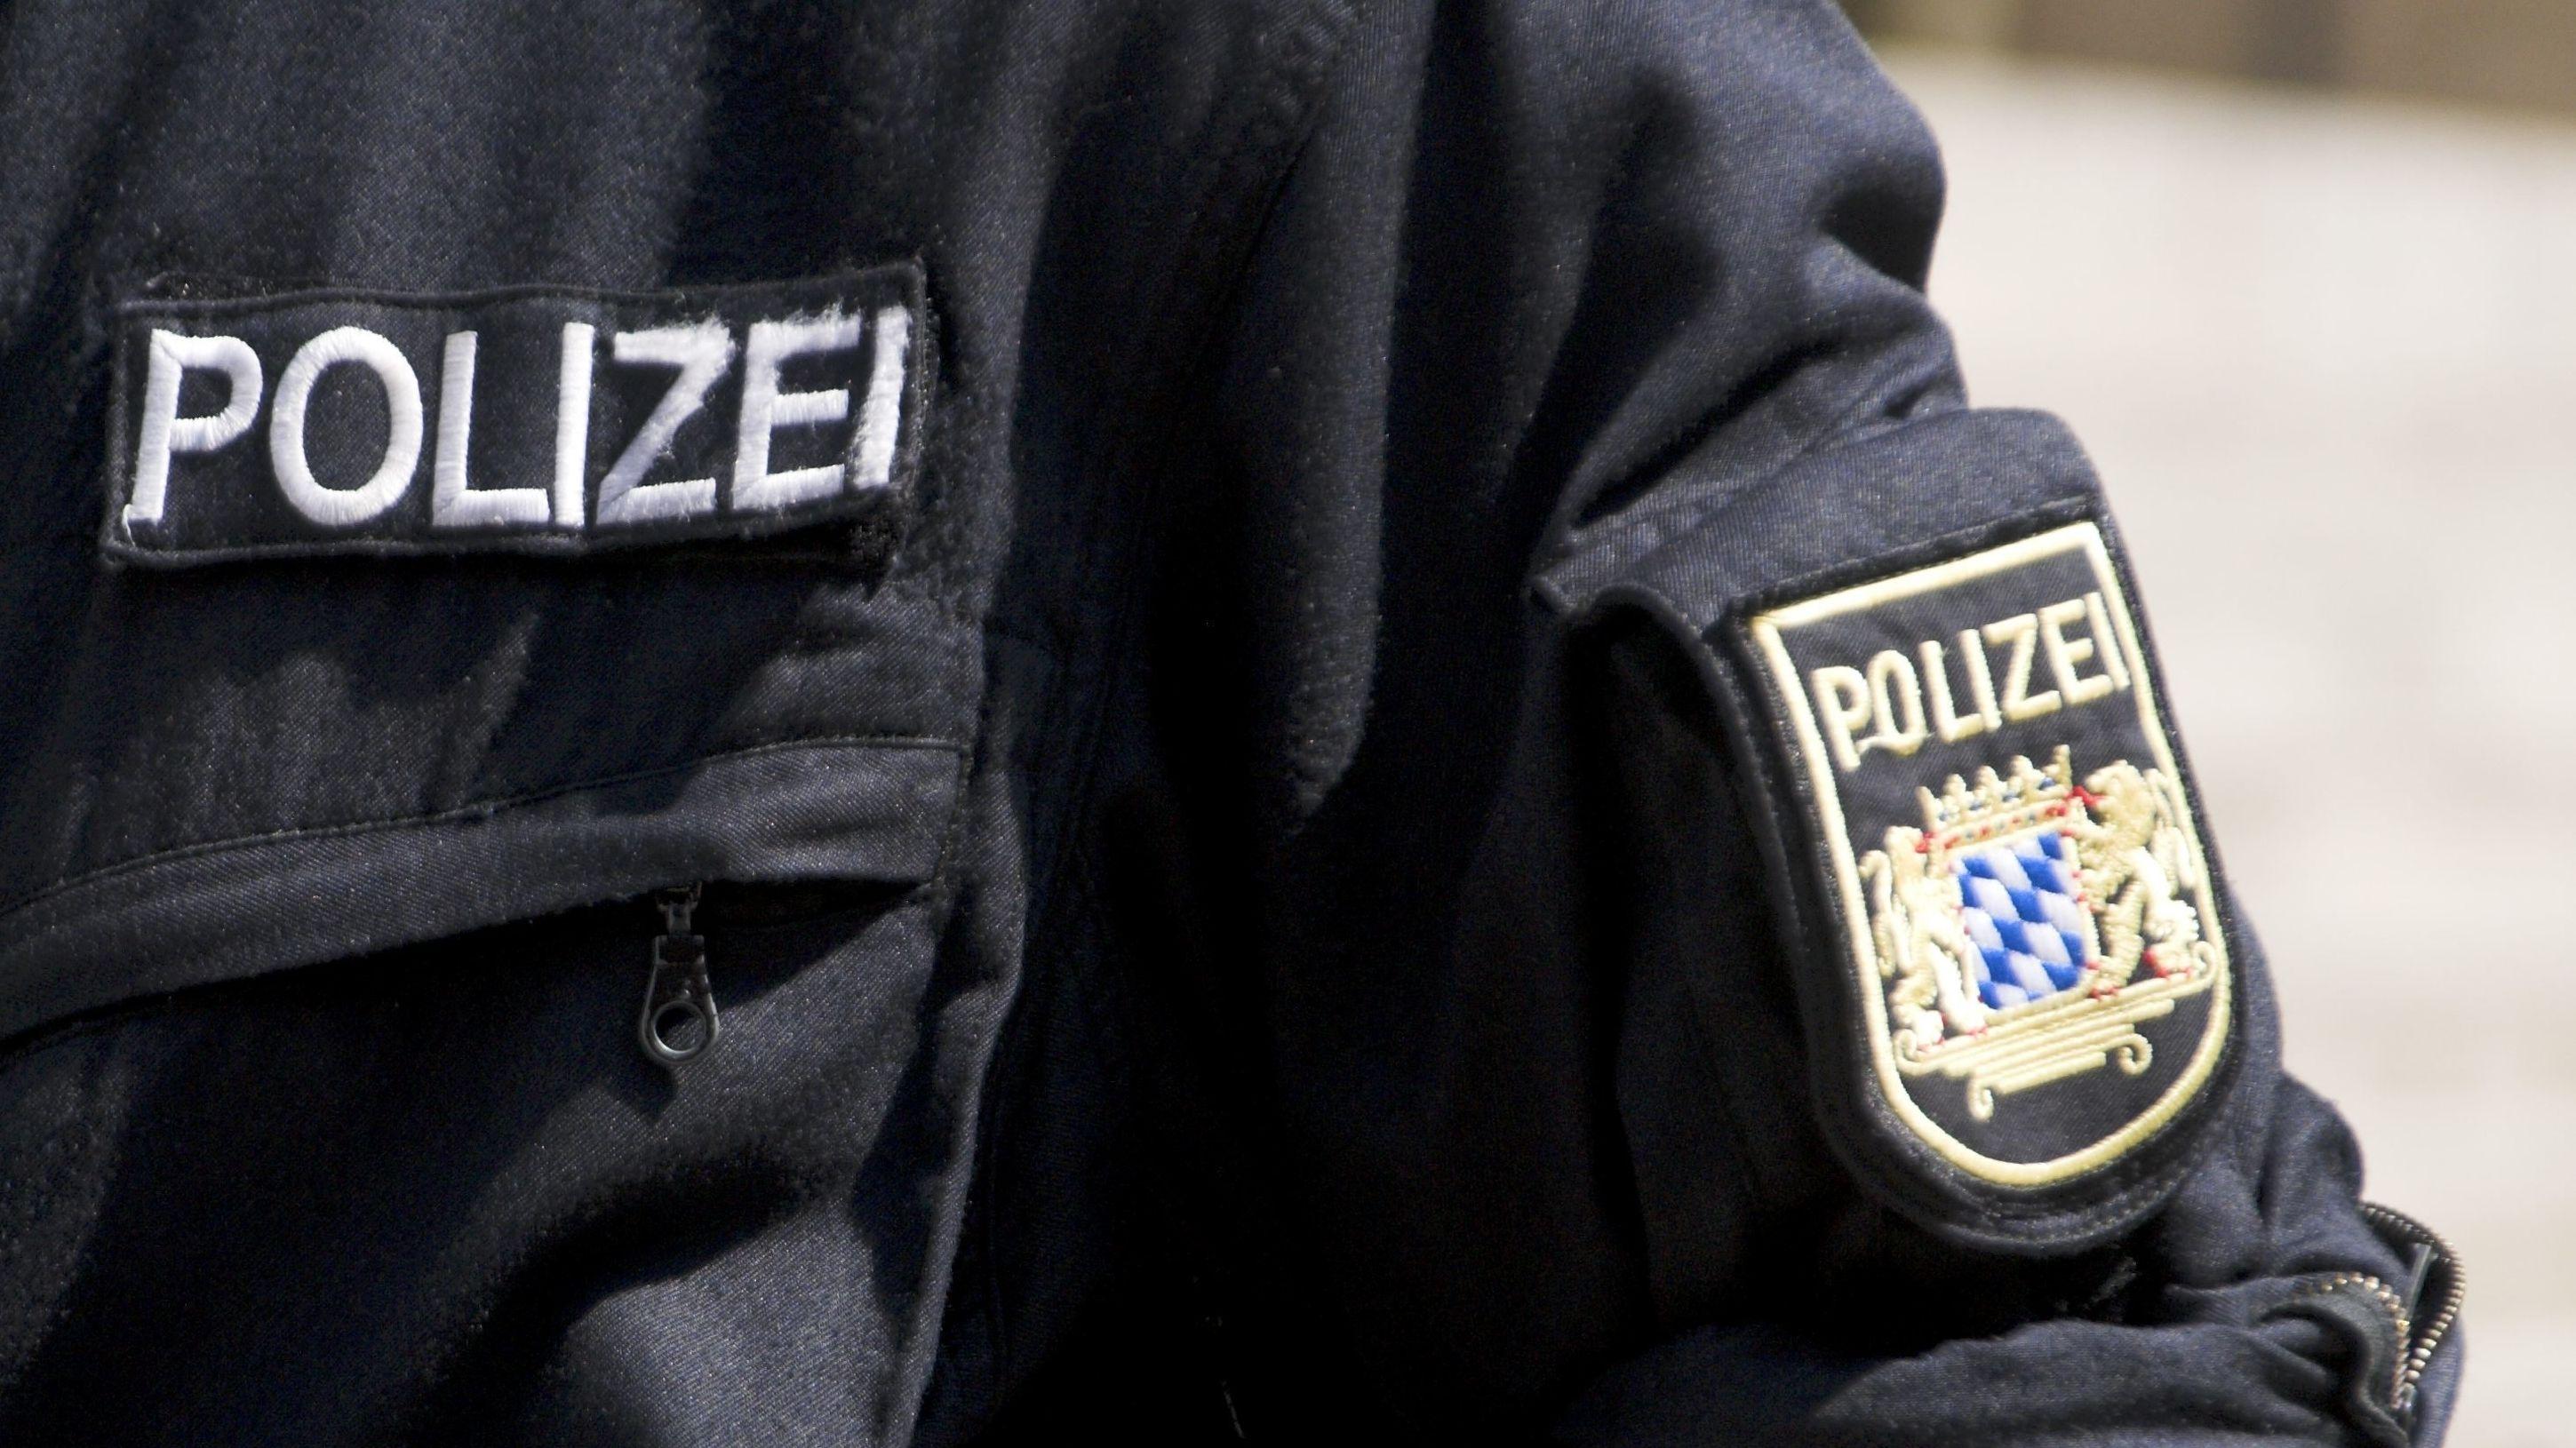 Ein Fehlalarm hat am späten Montagnachmittag einen Großeinsatz der Polizei auf dem Marktplatz von Amberg ausgelöst.